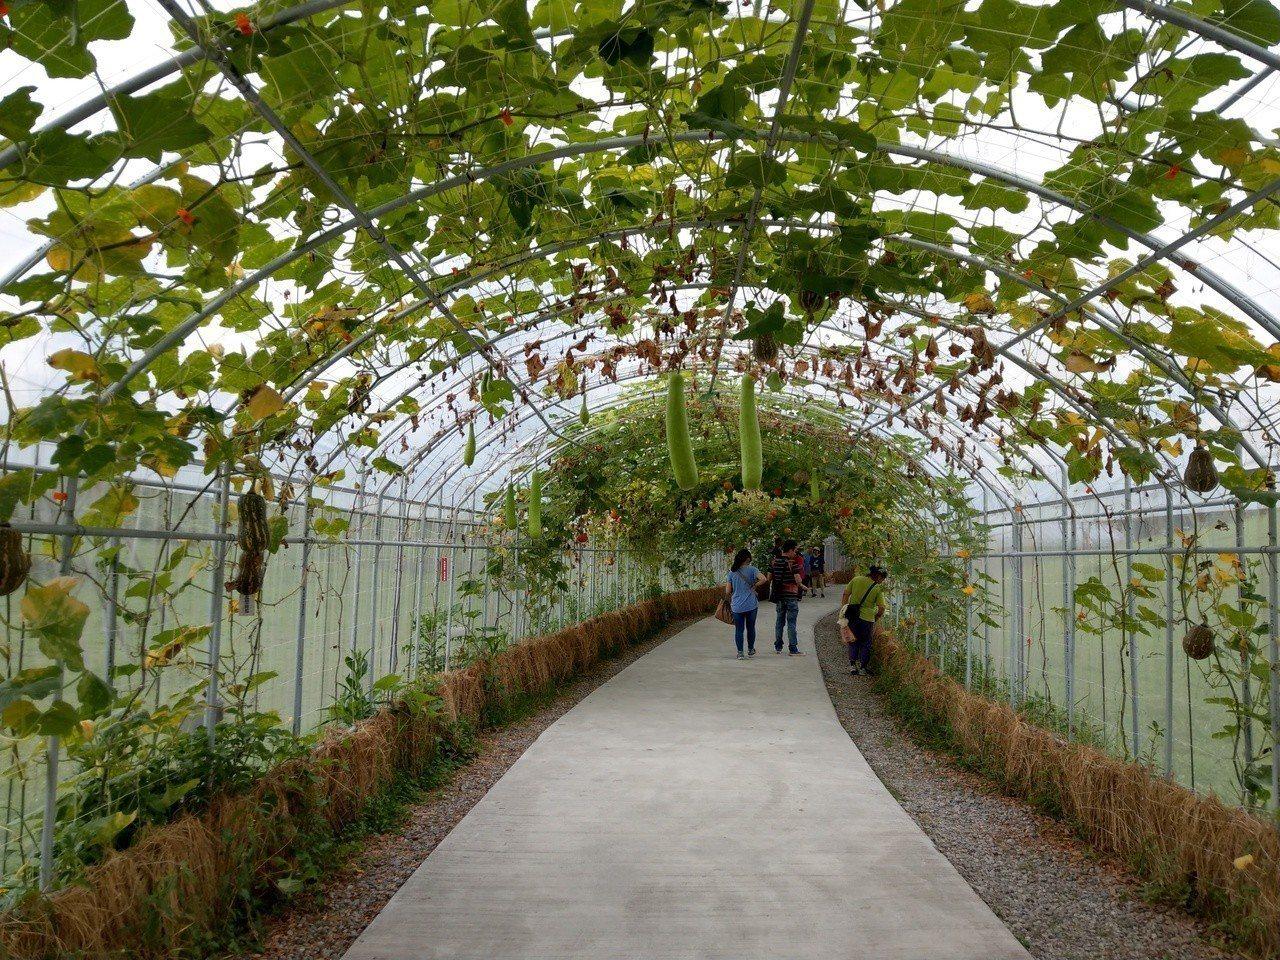 宜蘭綠博剩下最後幾天將結束,園區的瓜瓜隧道長滿各式瓜果迎賓。記者戴永華/攝影